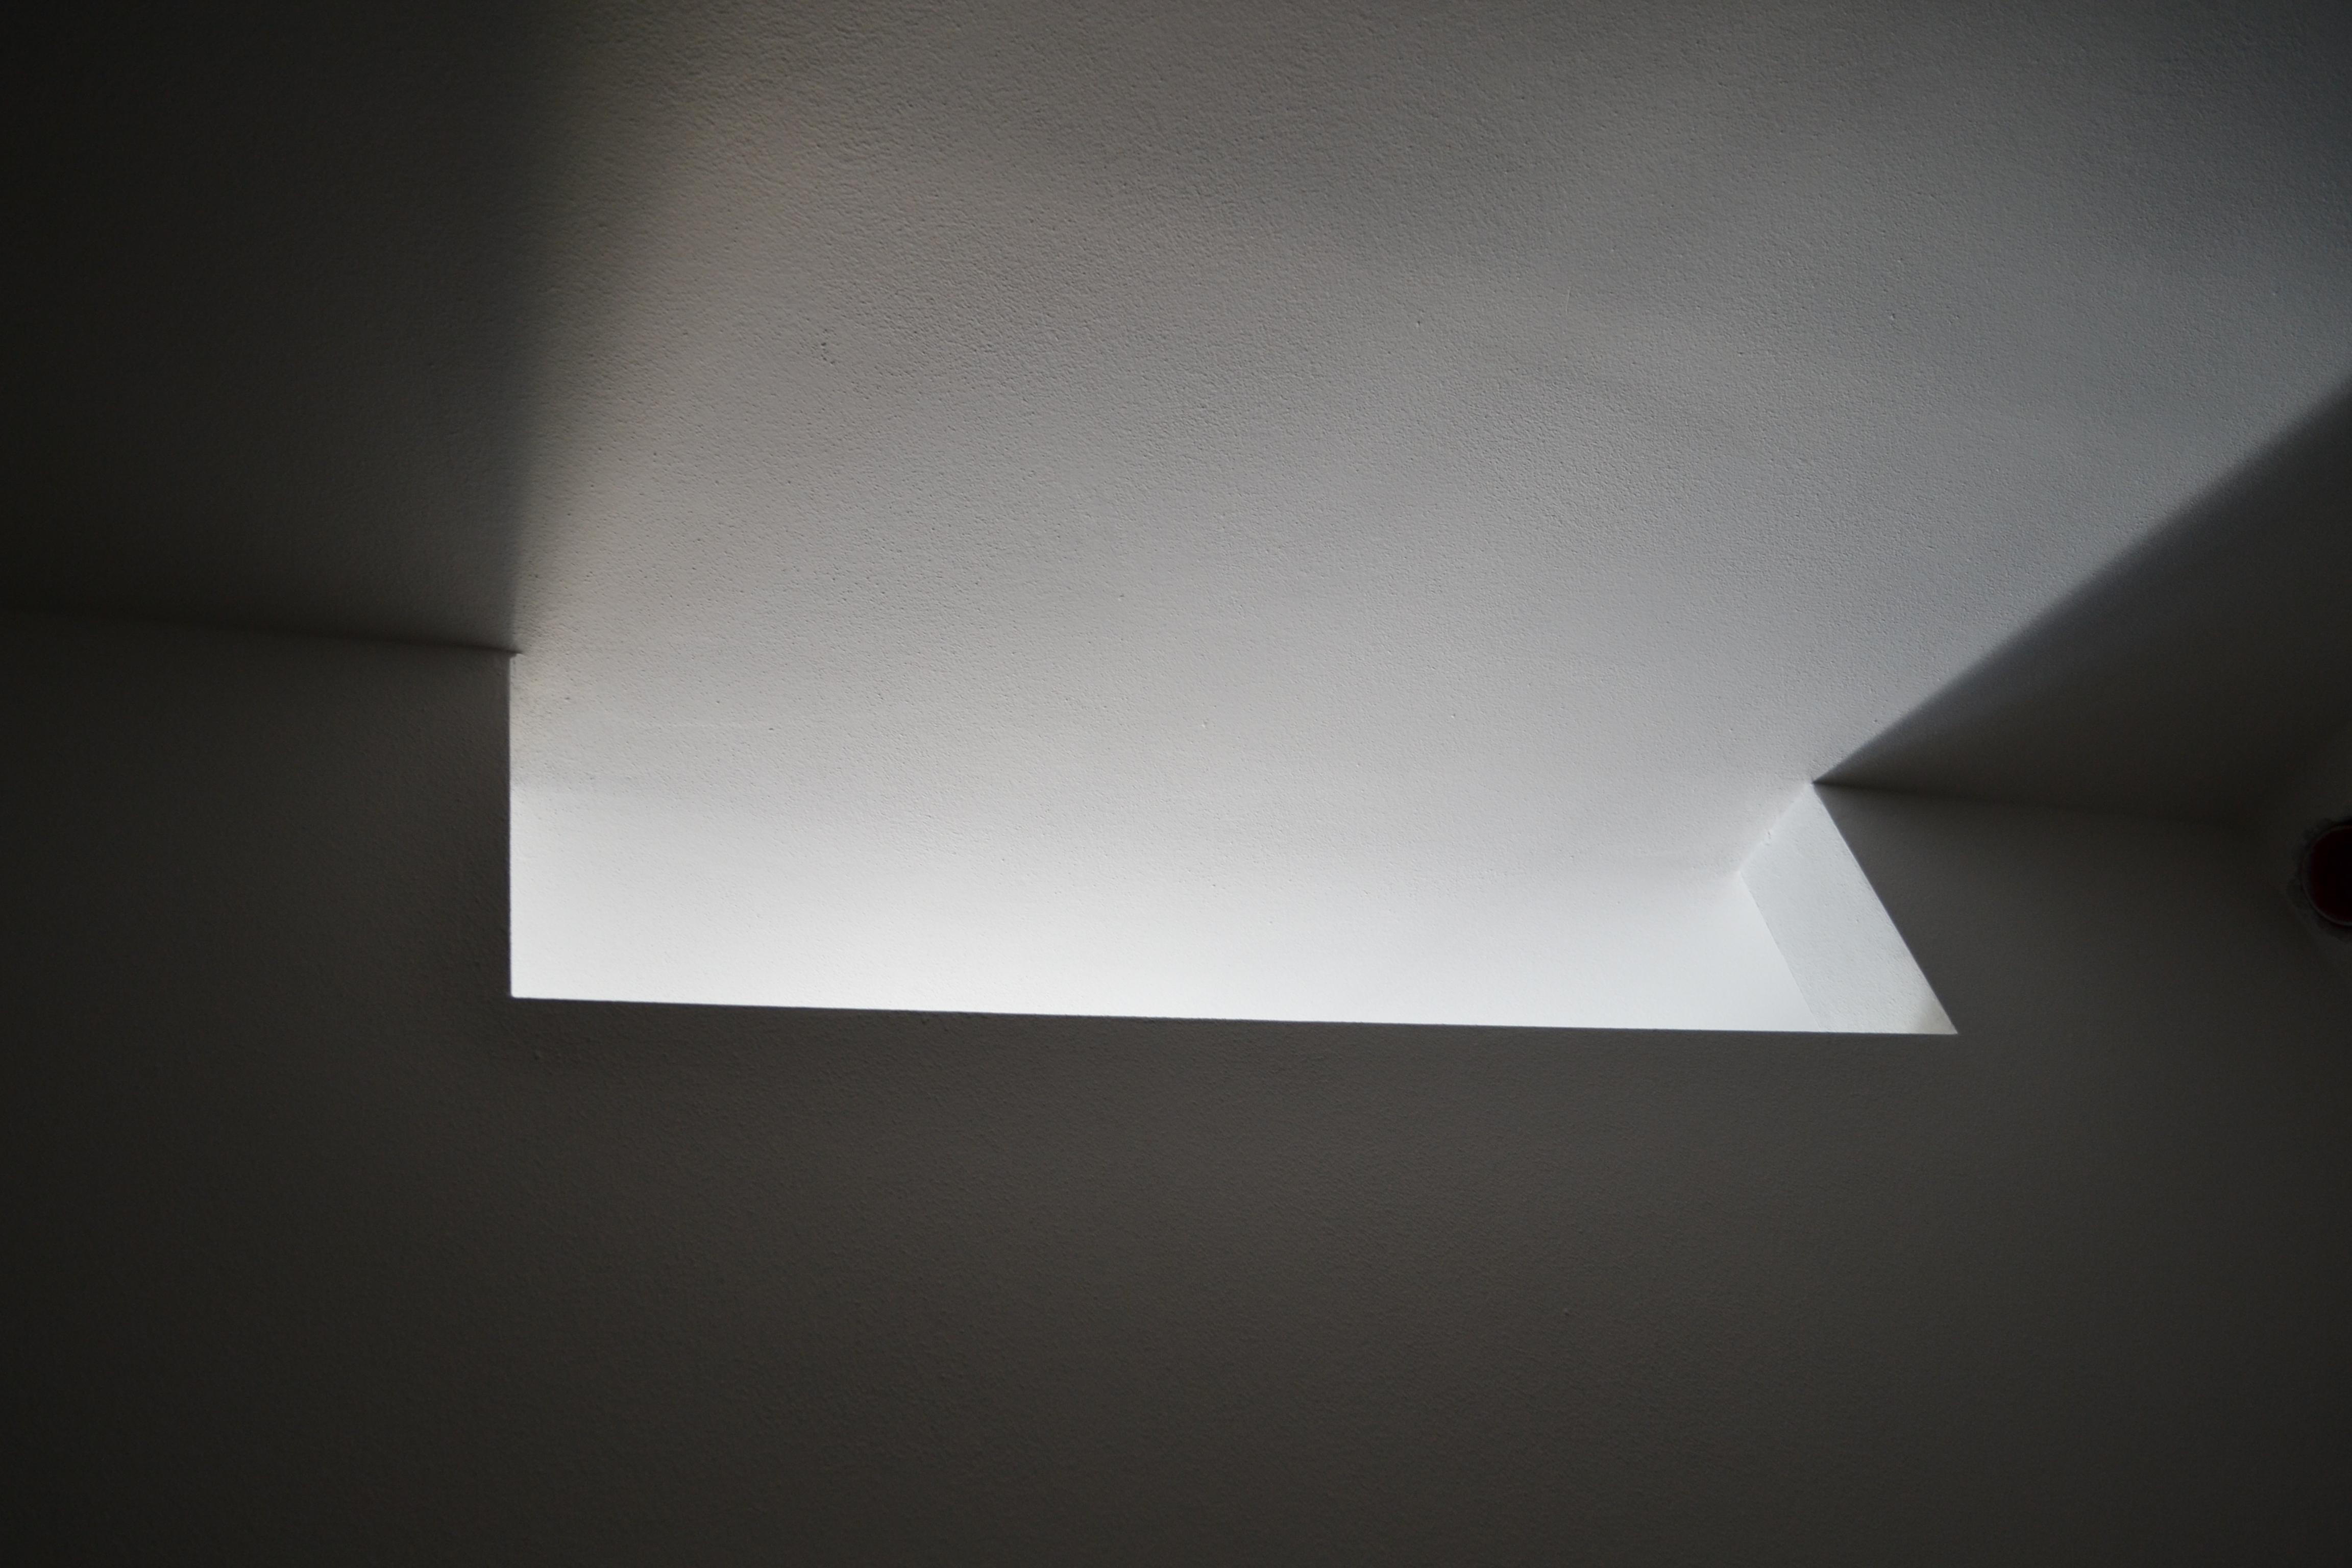 taglio di luce